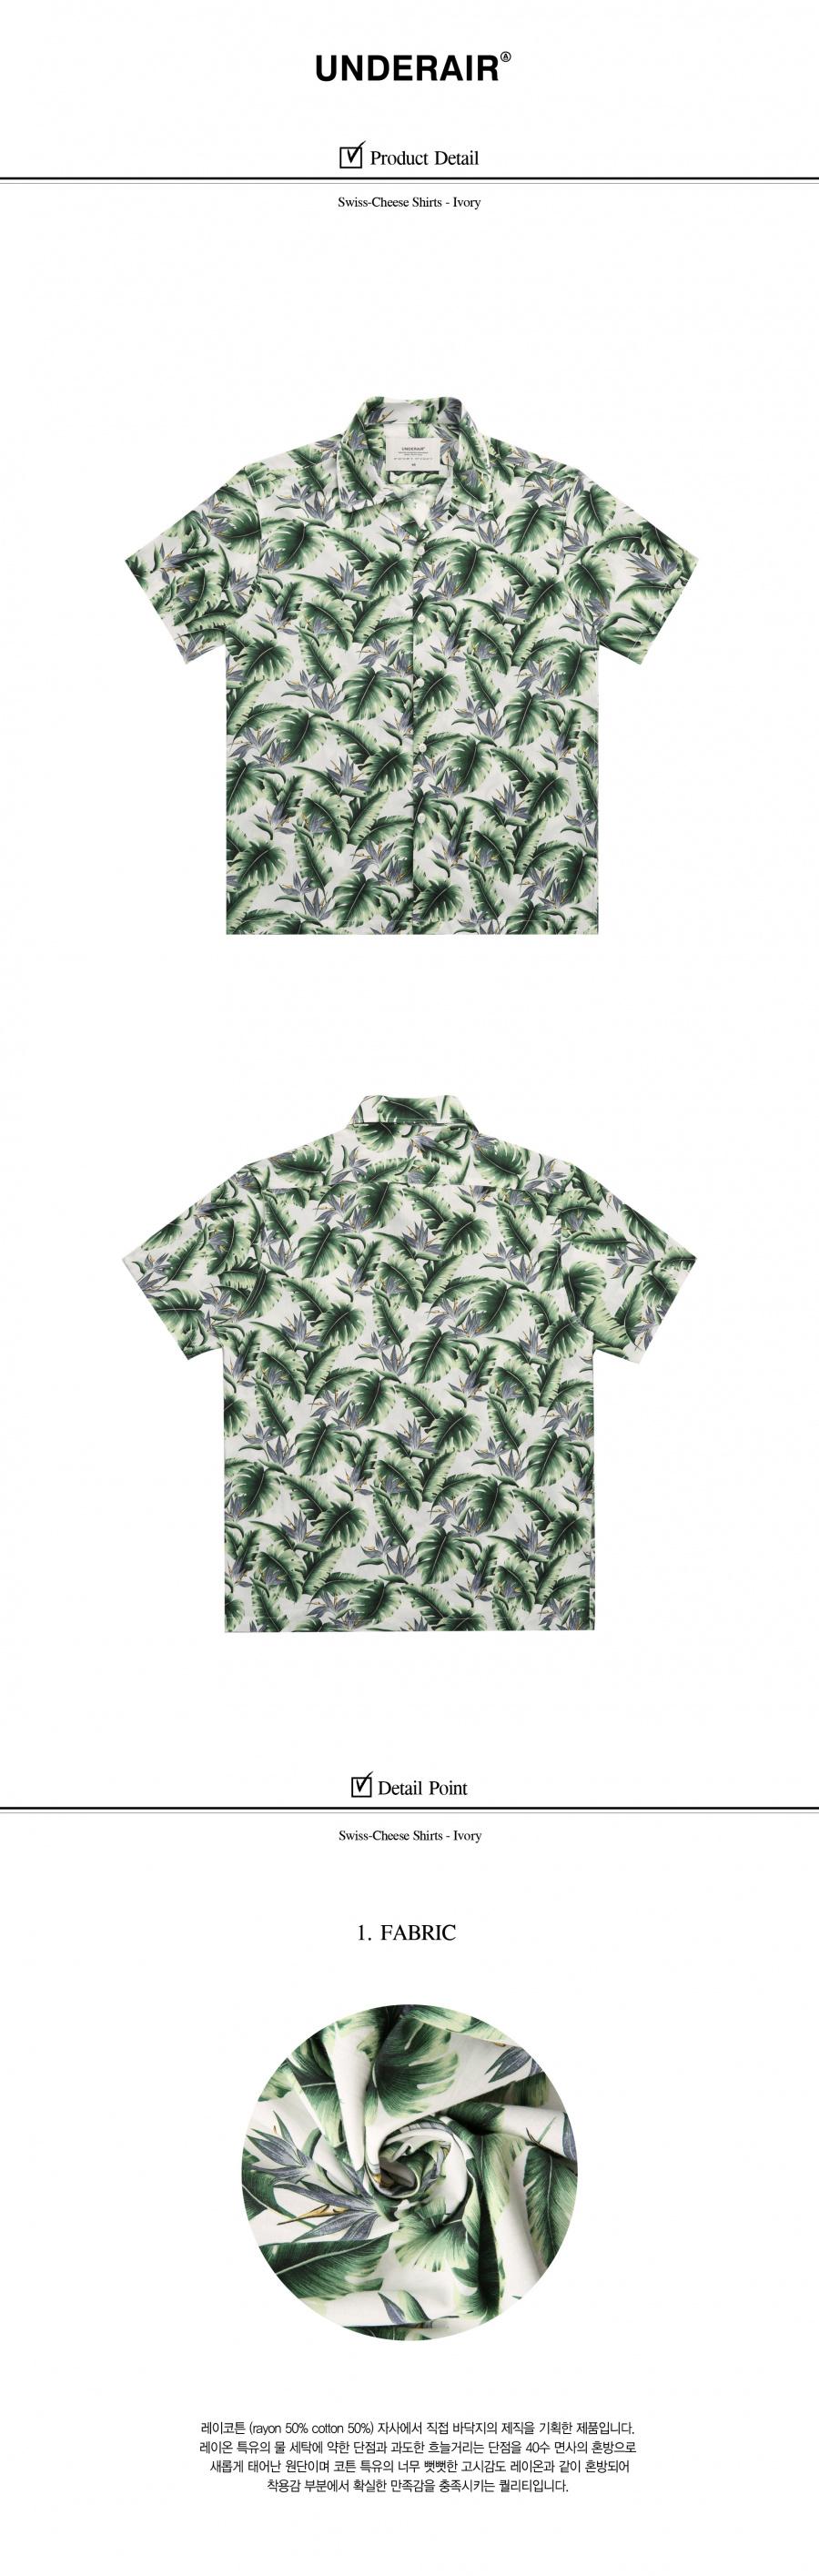 언더에어(UNDERAIR) Swiss-Cheese Shirts-Ivory